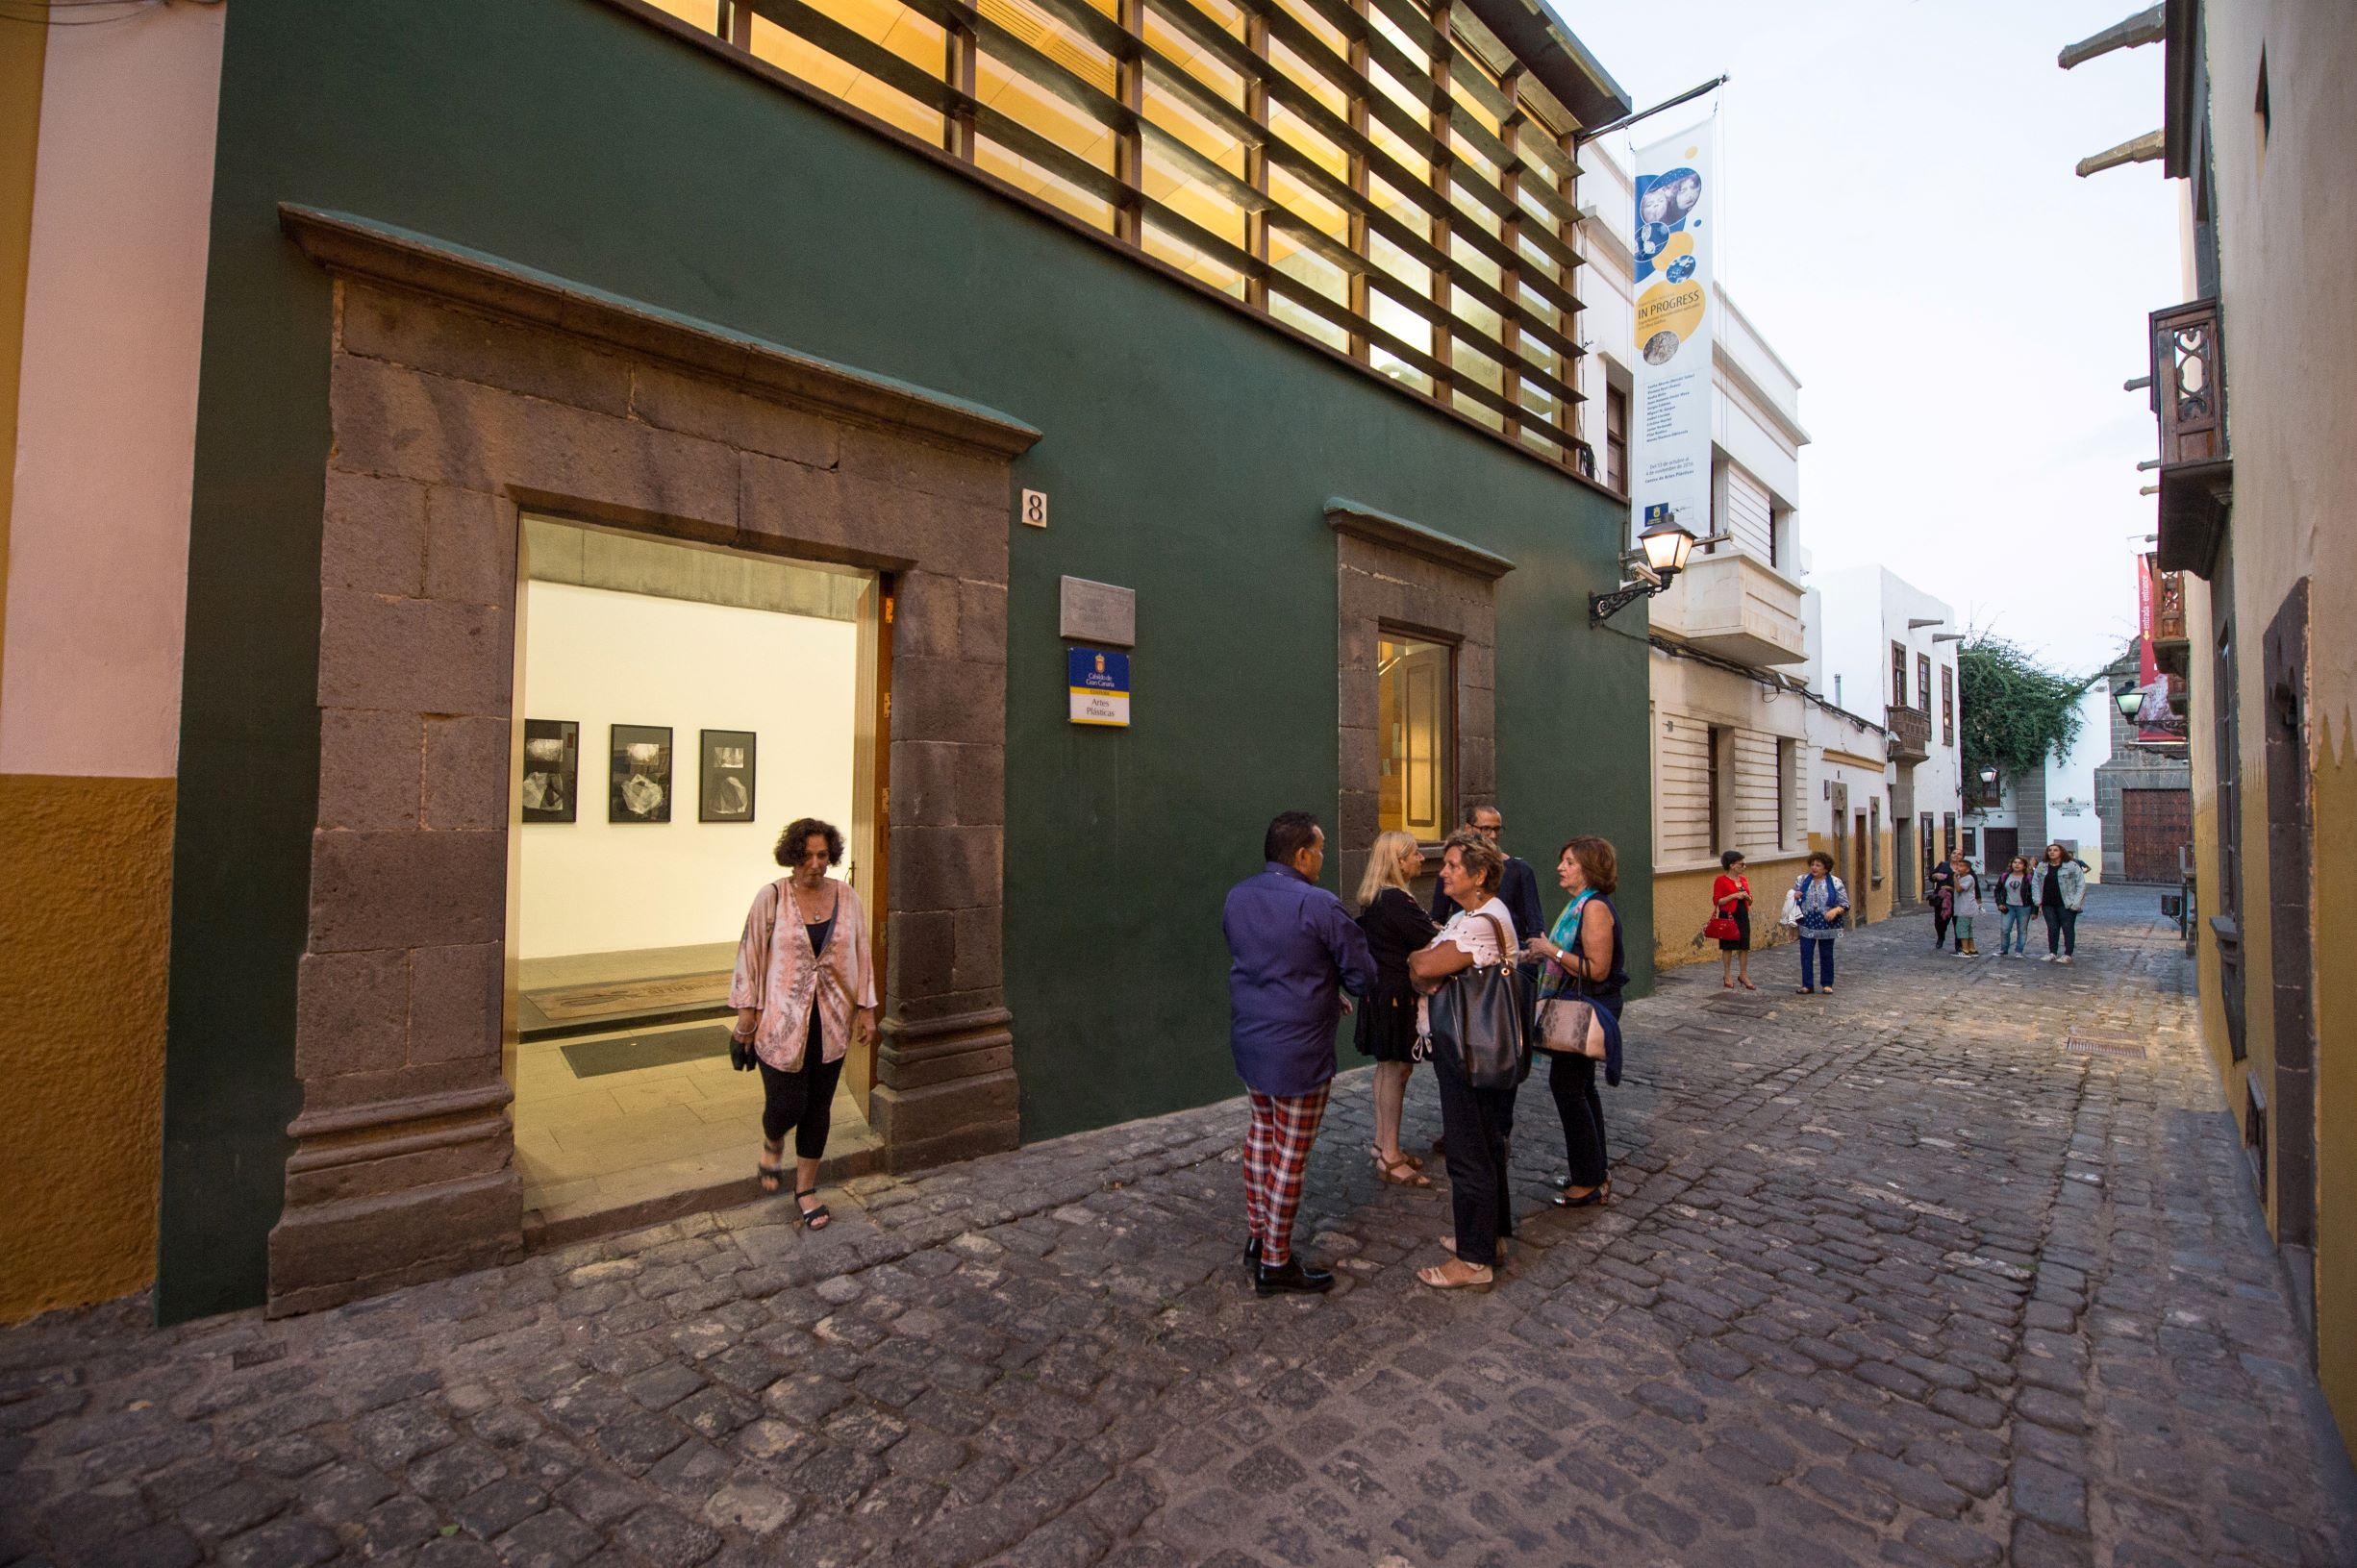 El Centro de Artes Plásticas del Cabildo organiza un taller gratuito alrededor del volumen, la figuración y la abstracción